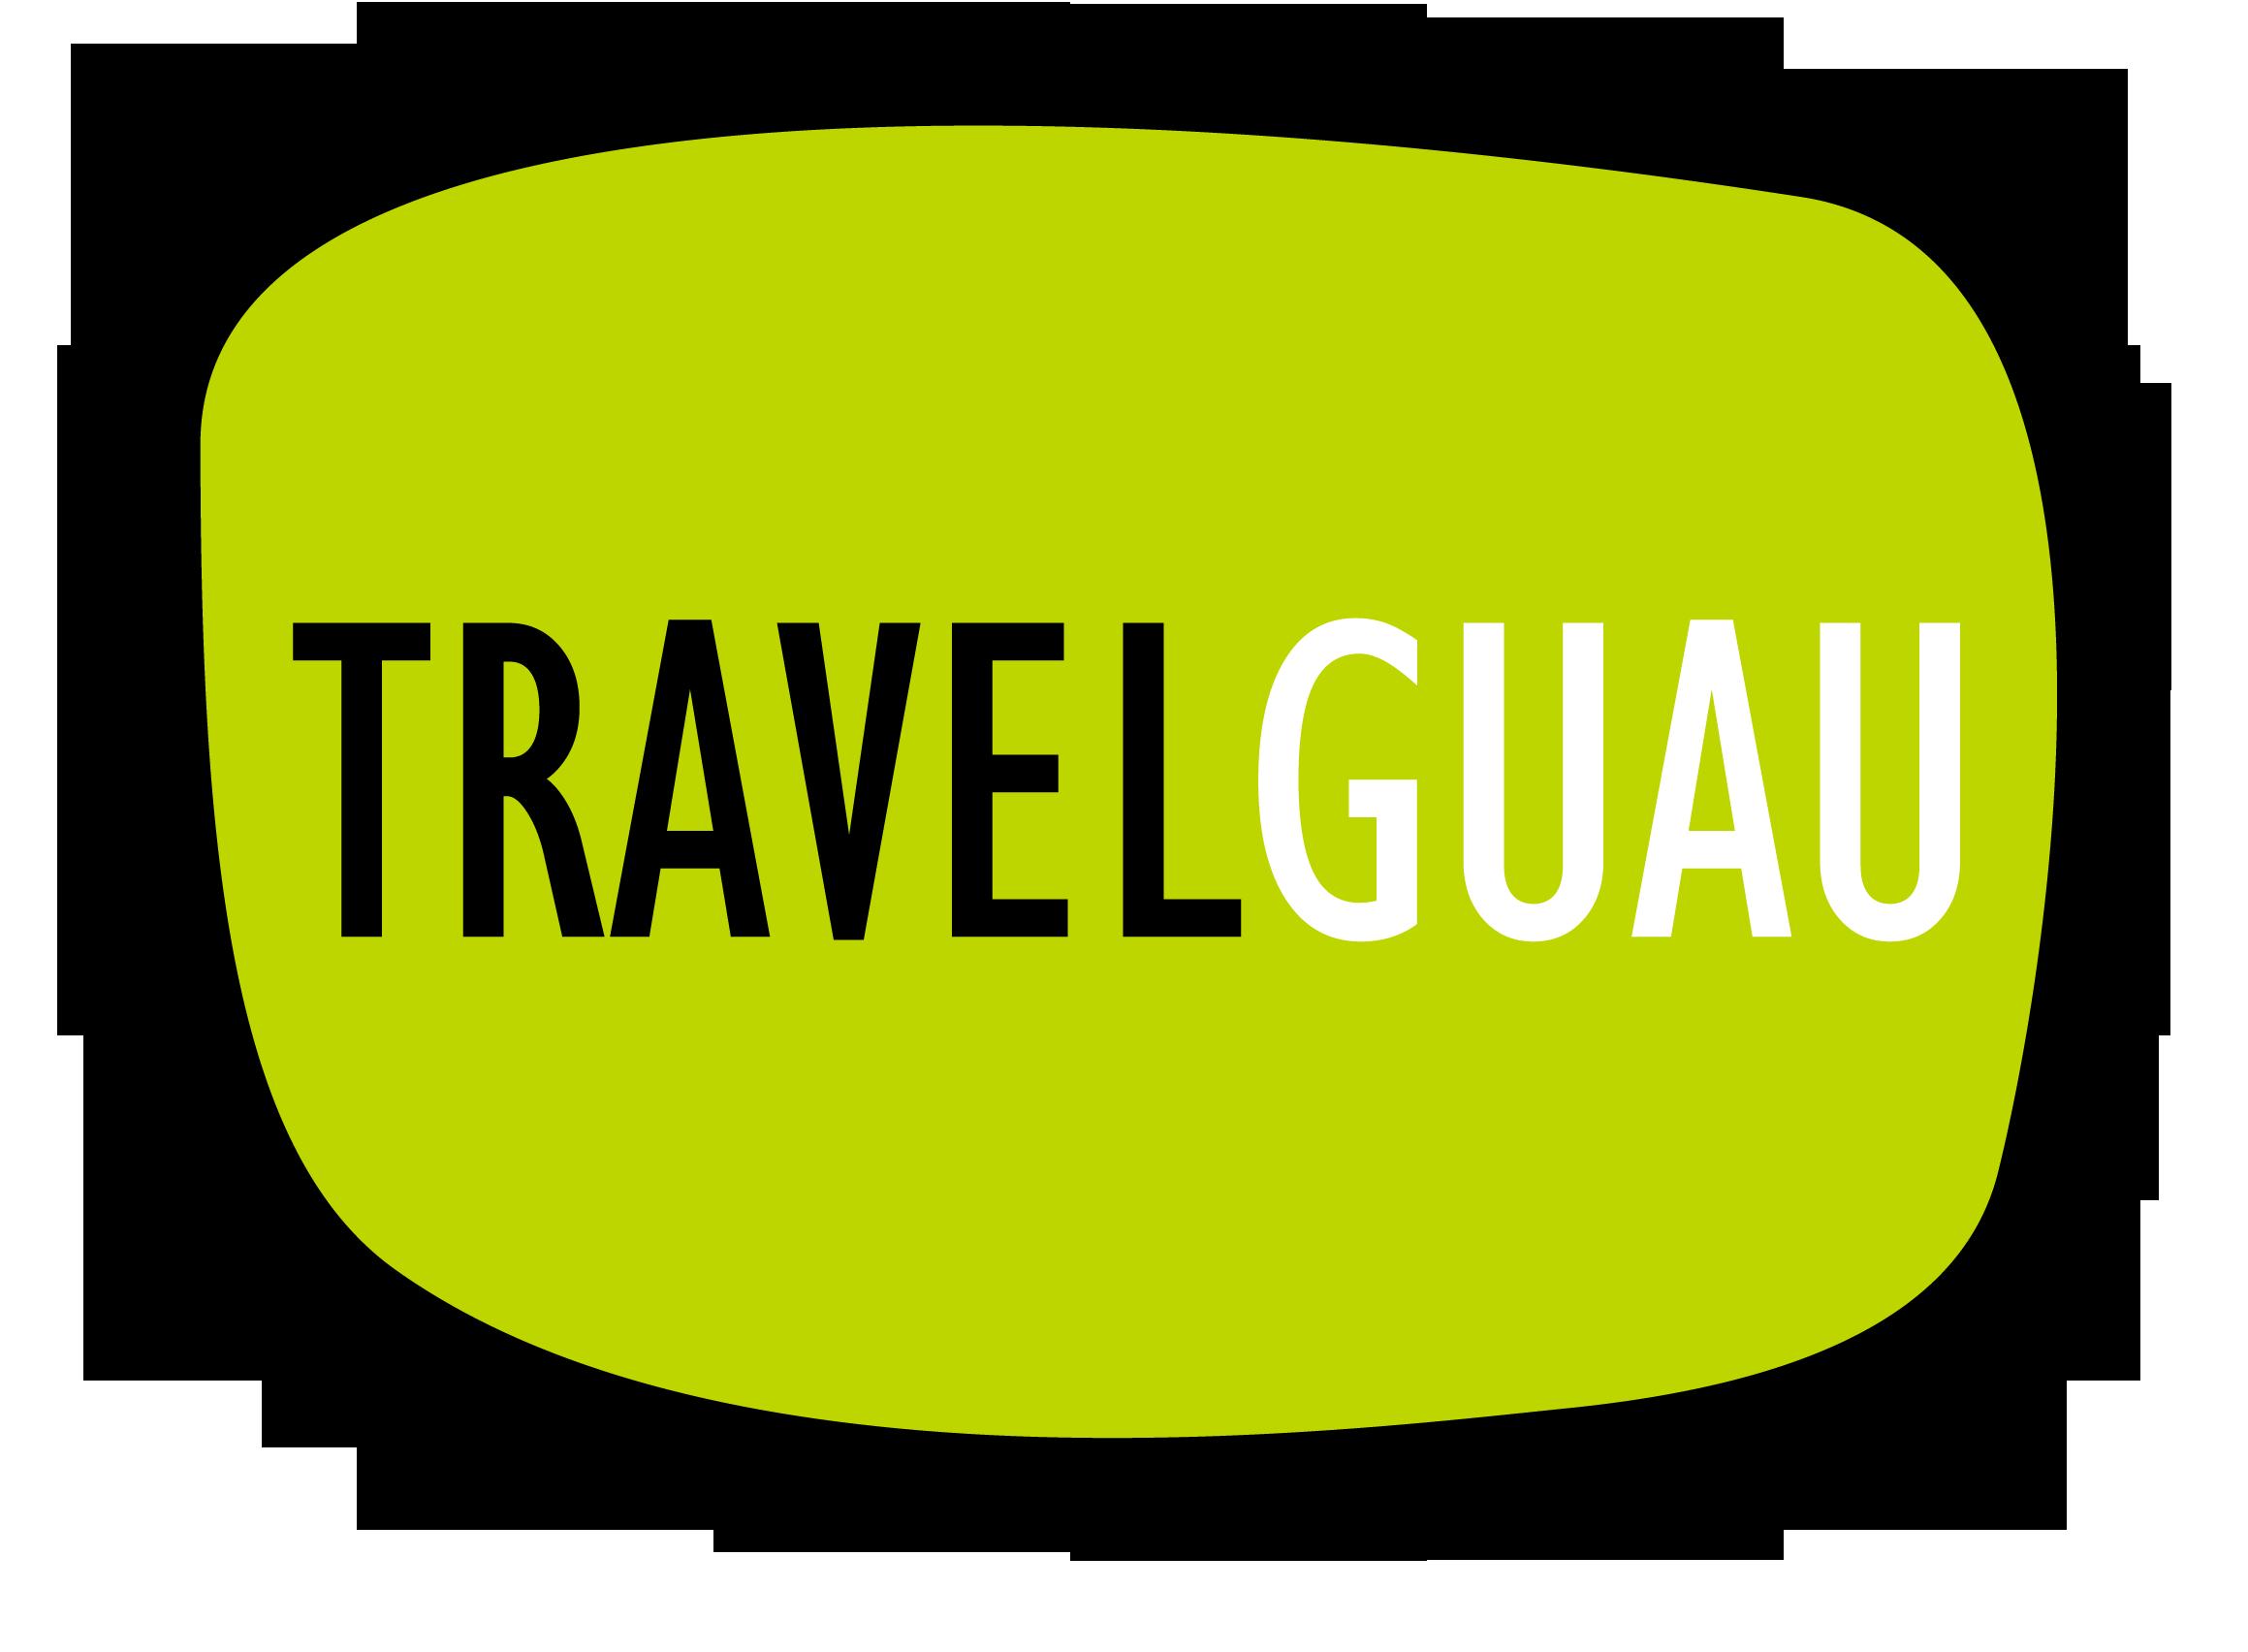 Travelguau, la plataforma dogfriendly que emite carnés de perros educados